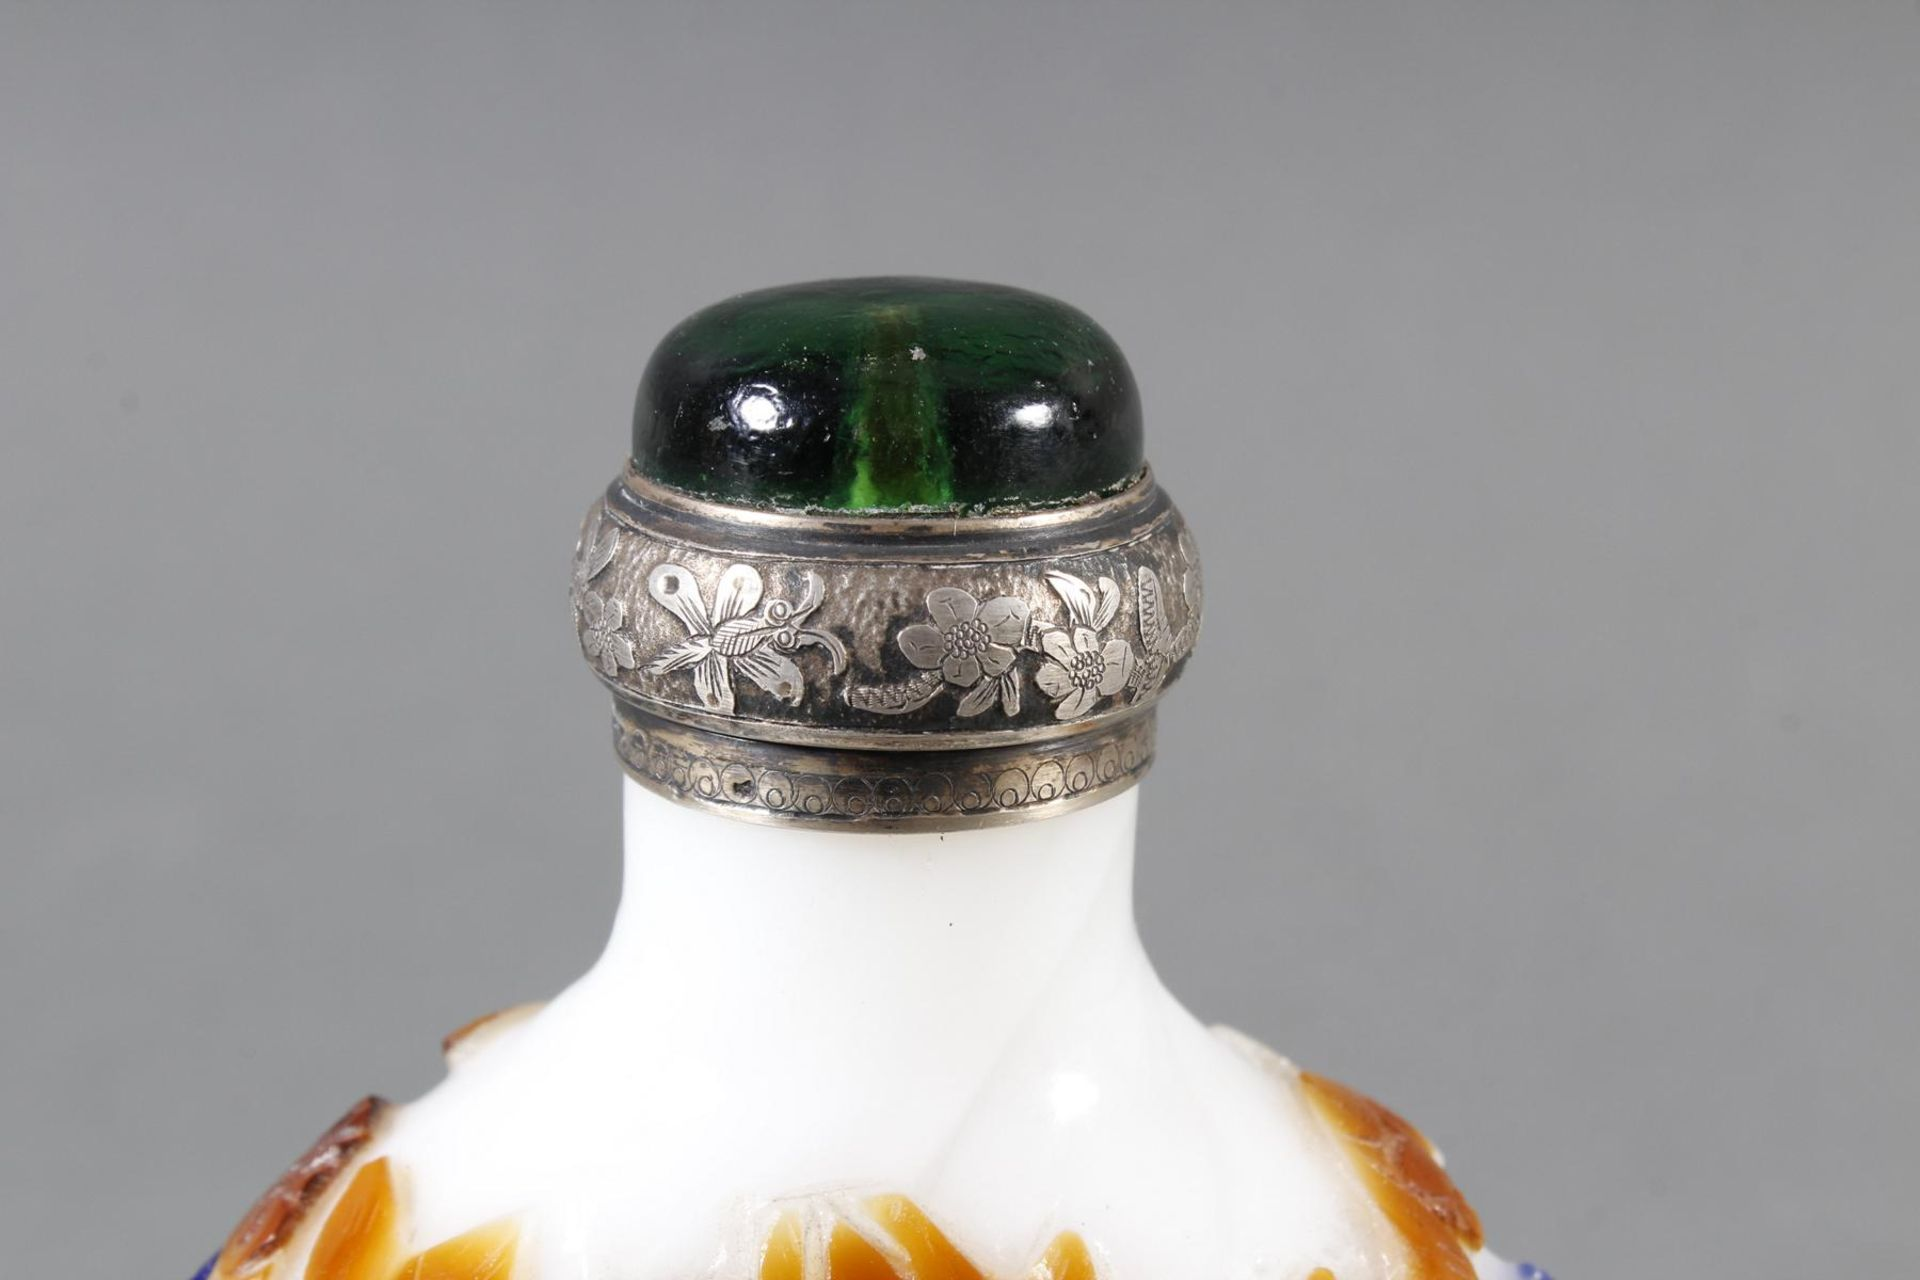 Snuff bottle, Überfangglas mit Silbermontur, China Anfang 20. Jahrhundert - Bild 9 aus 12